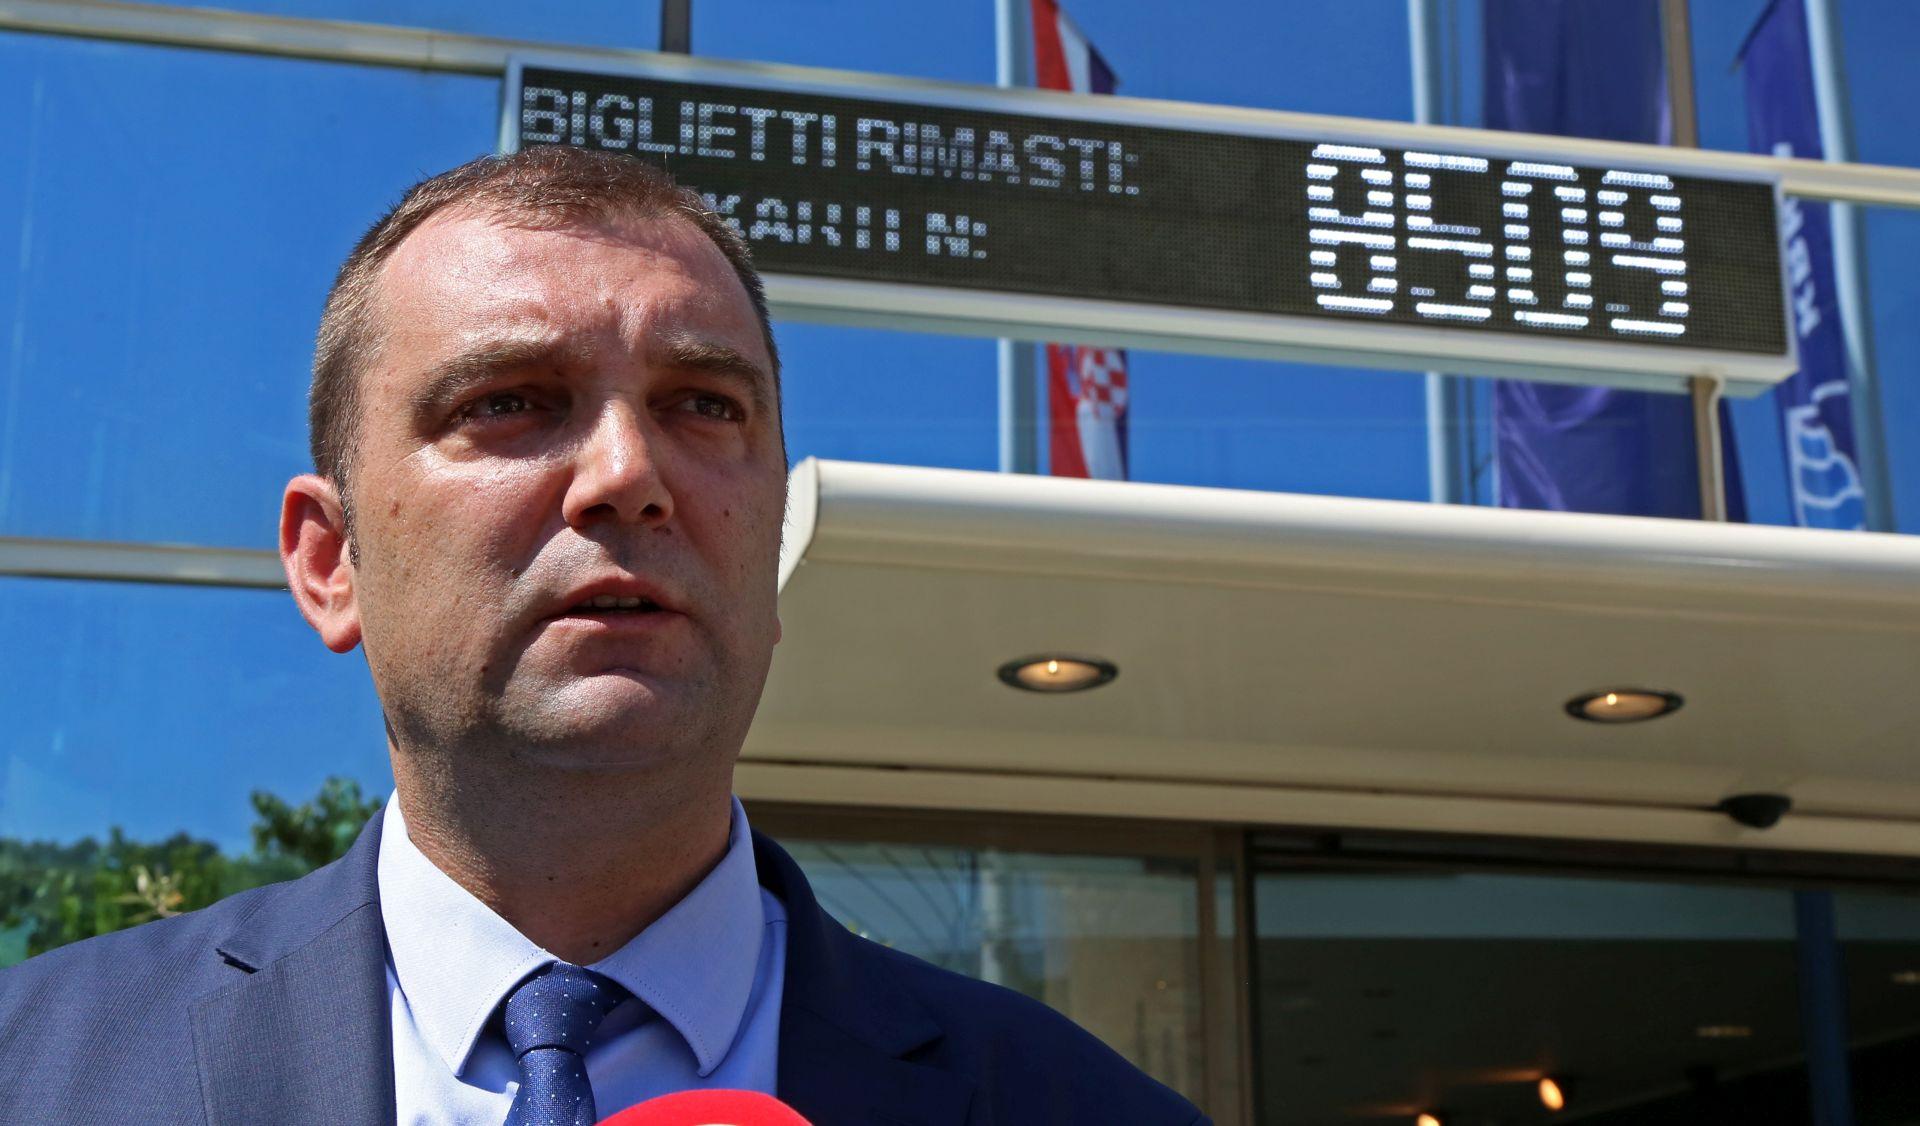 ŠILJEG 'Hrvatska po pitanju Pariškog sporazuma stoji uz svoje partnere iz EU-a'